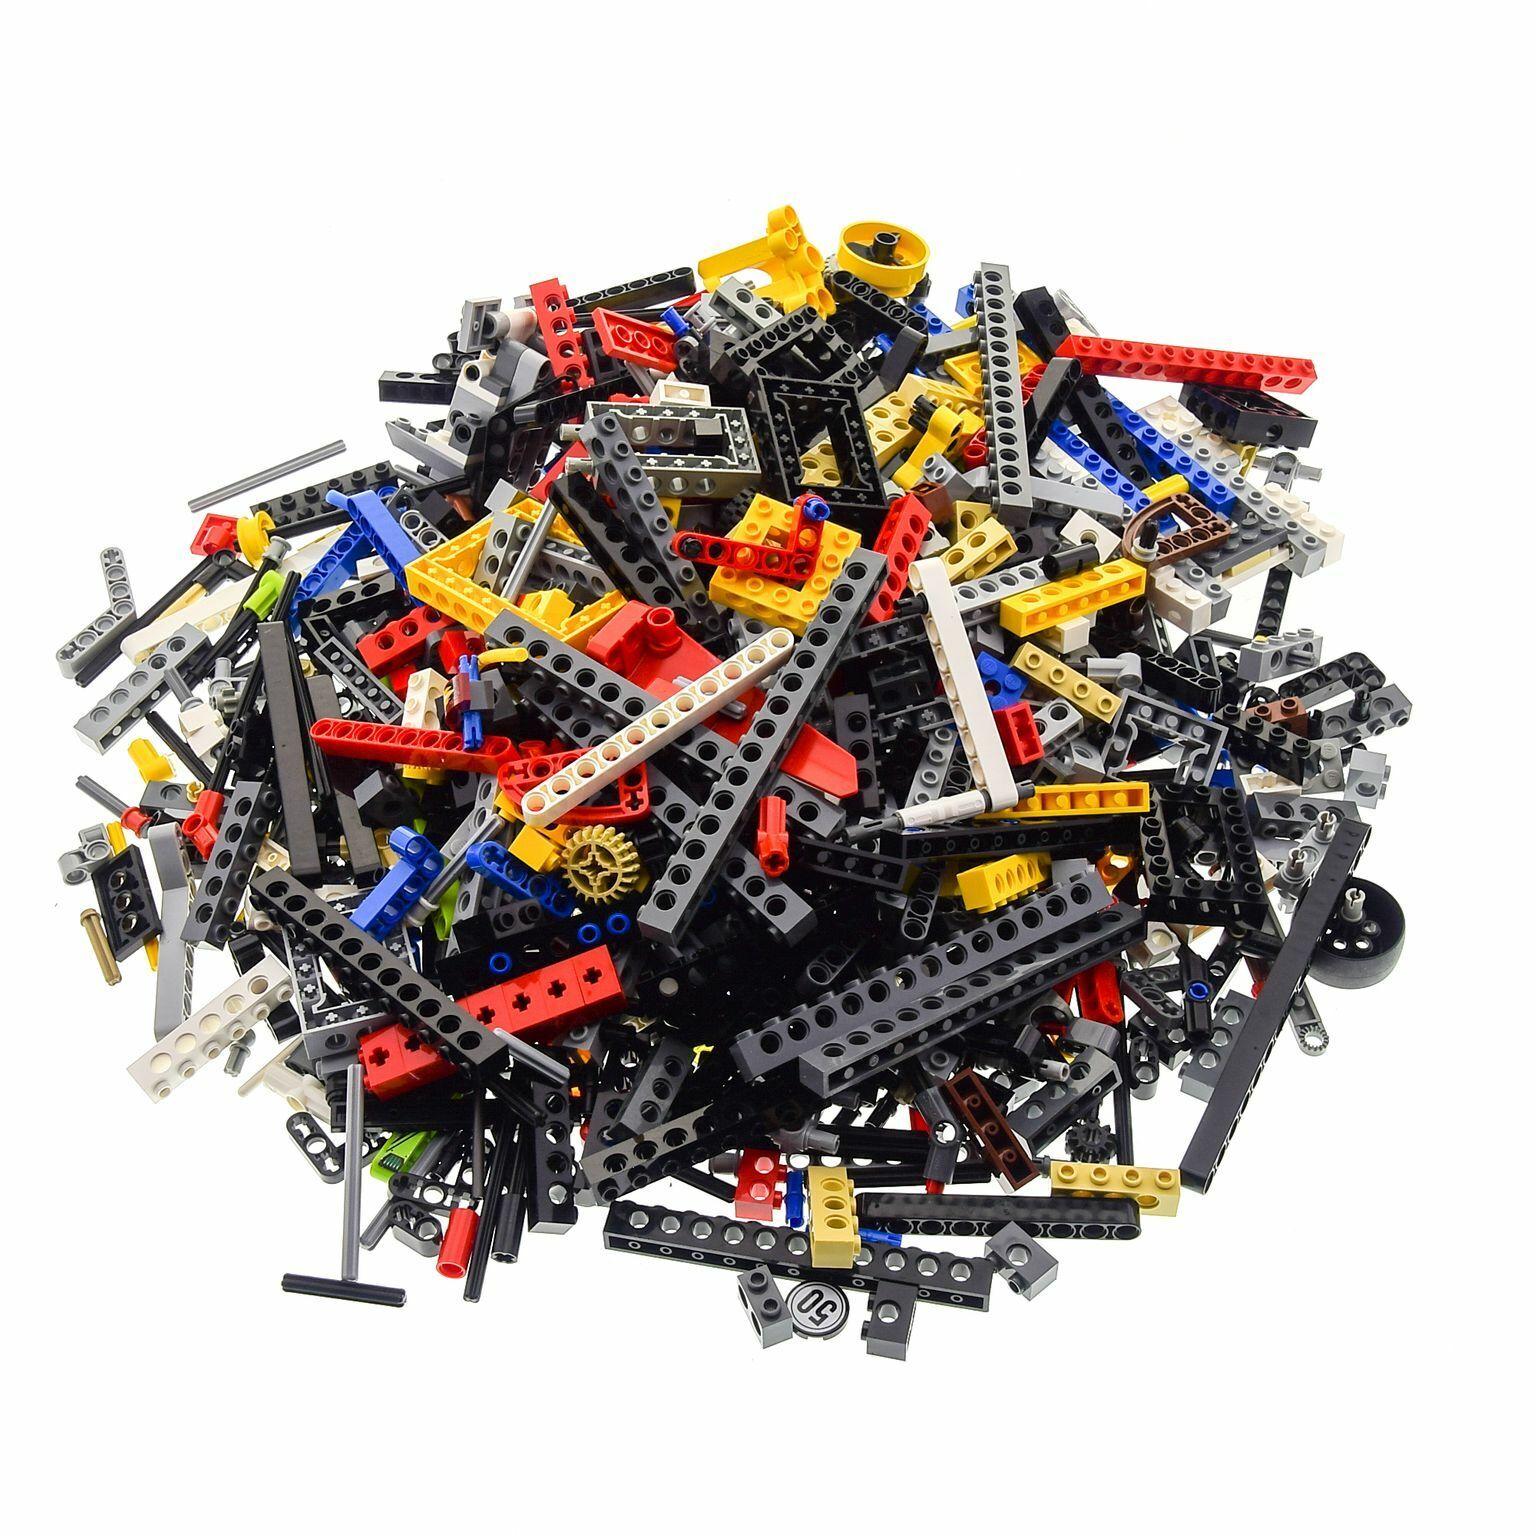 1 kg LEGO Technic Technique pierres kiloware un Tutti Frutti Par Exemple PINS lochstangen